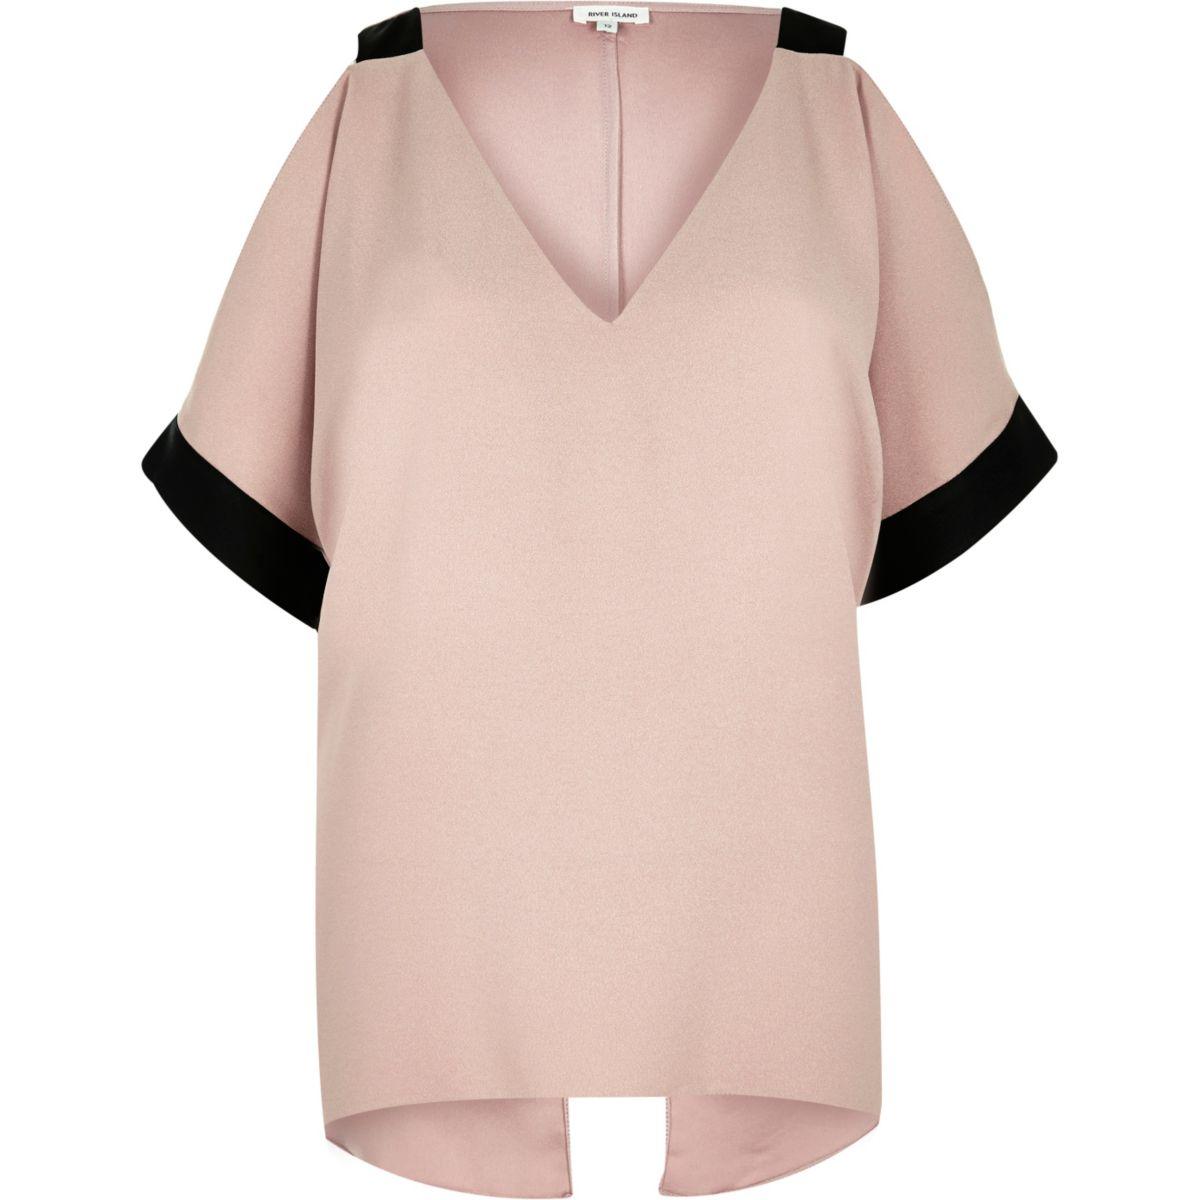 Bluse in Hellrosa mit Schulterausschnitten